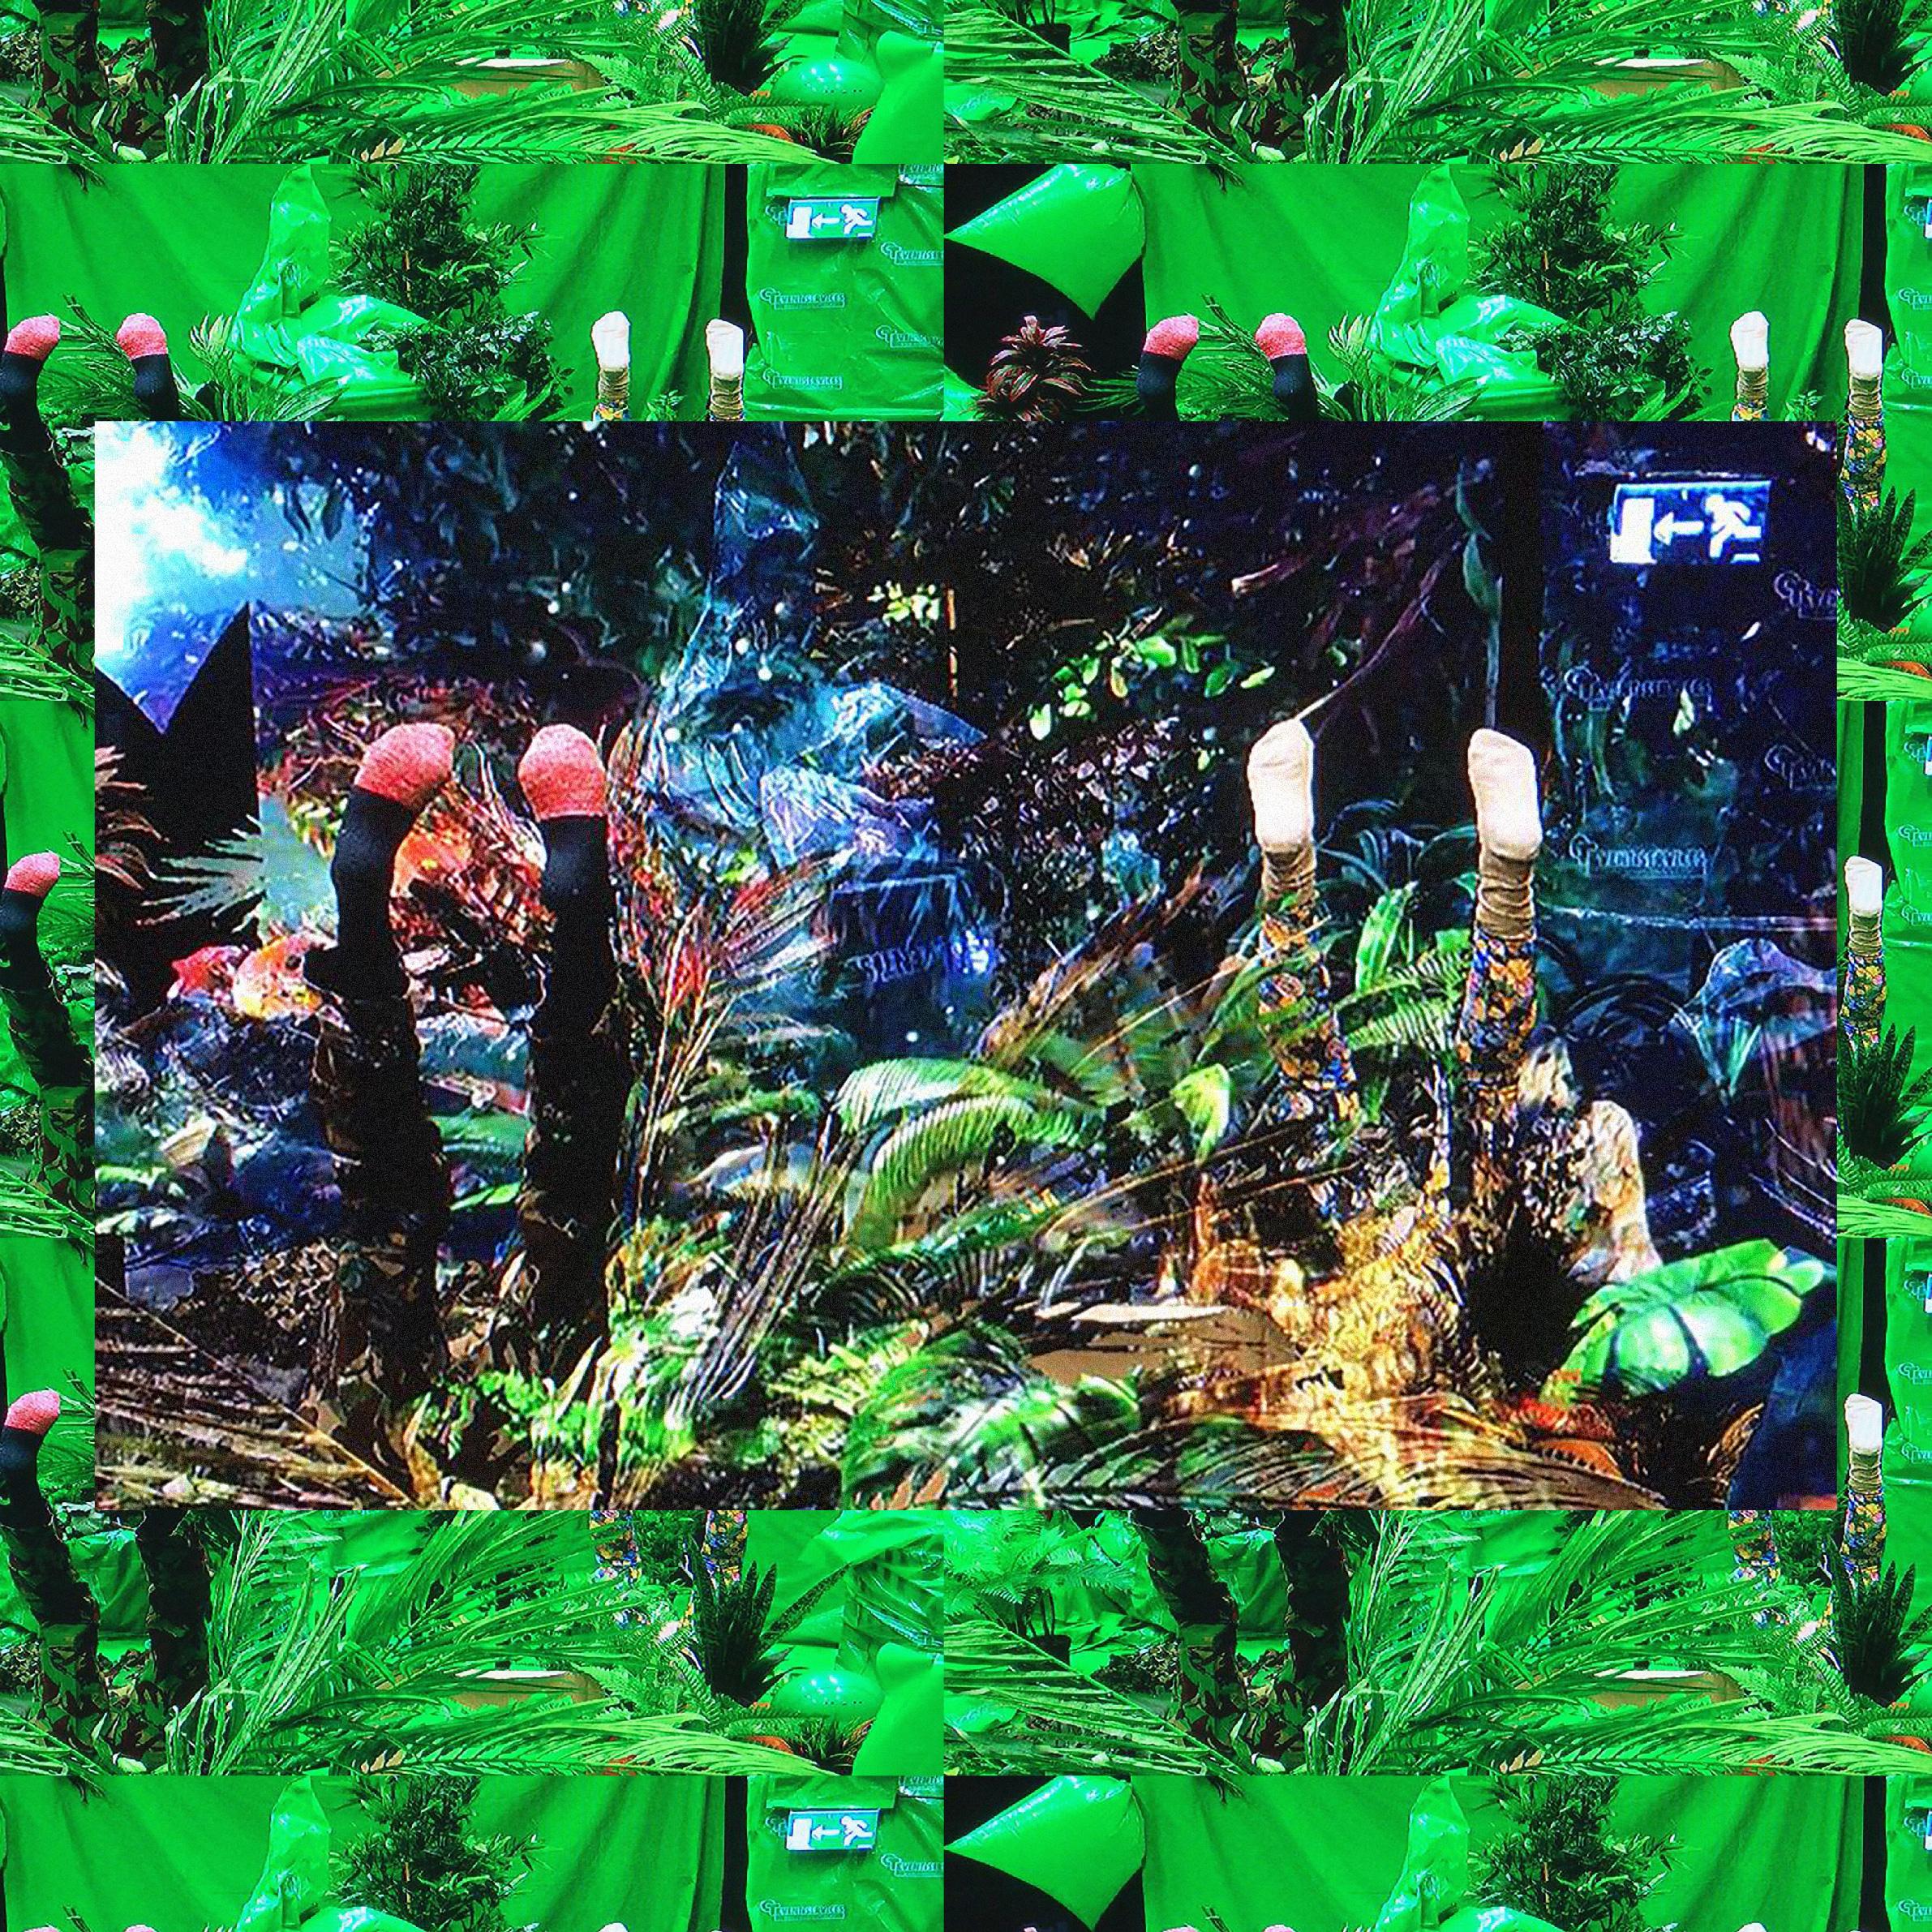 306747 botanicalwasteland square a21fca original 1552992596